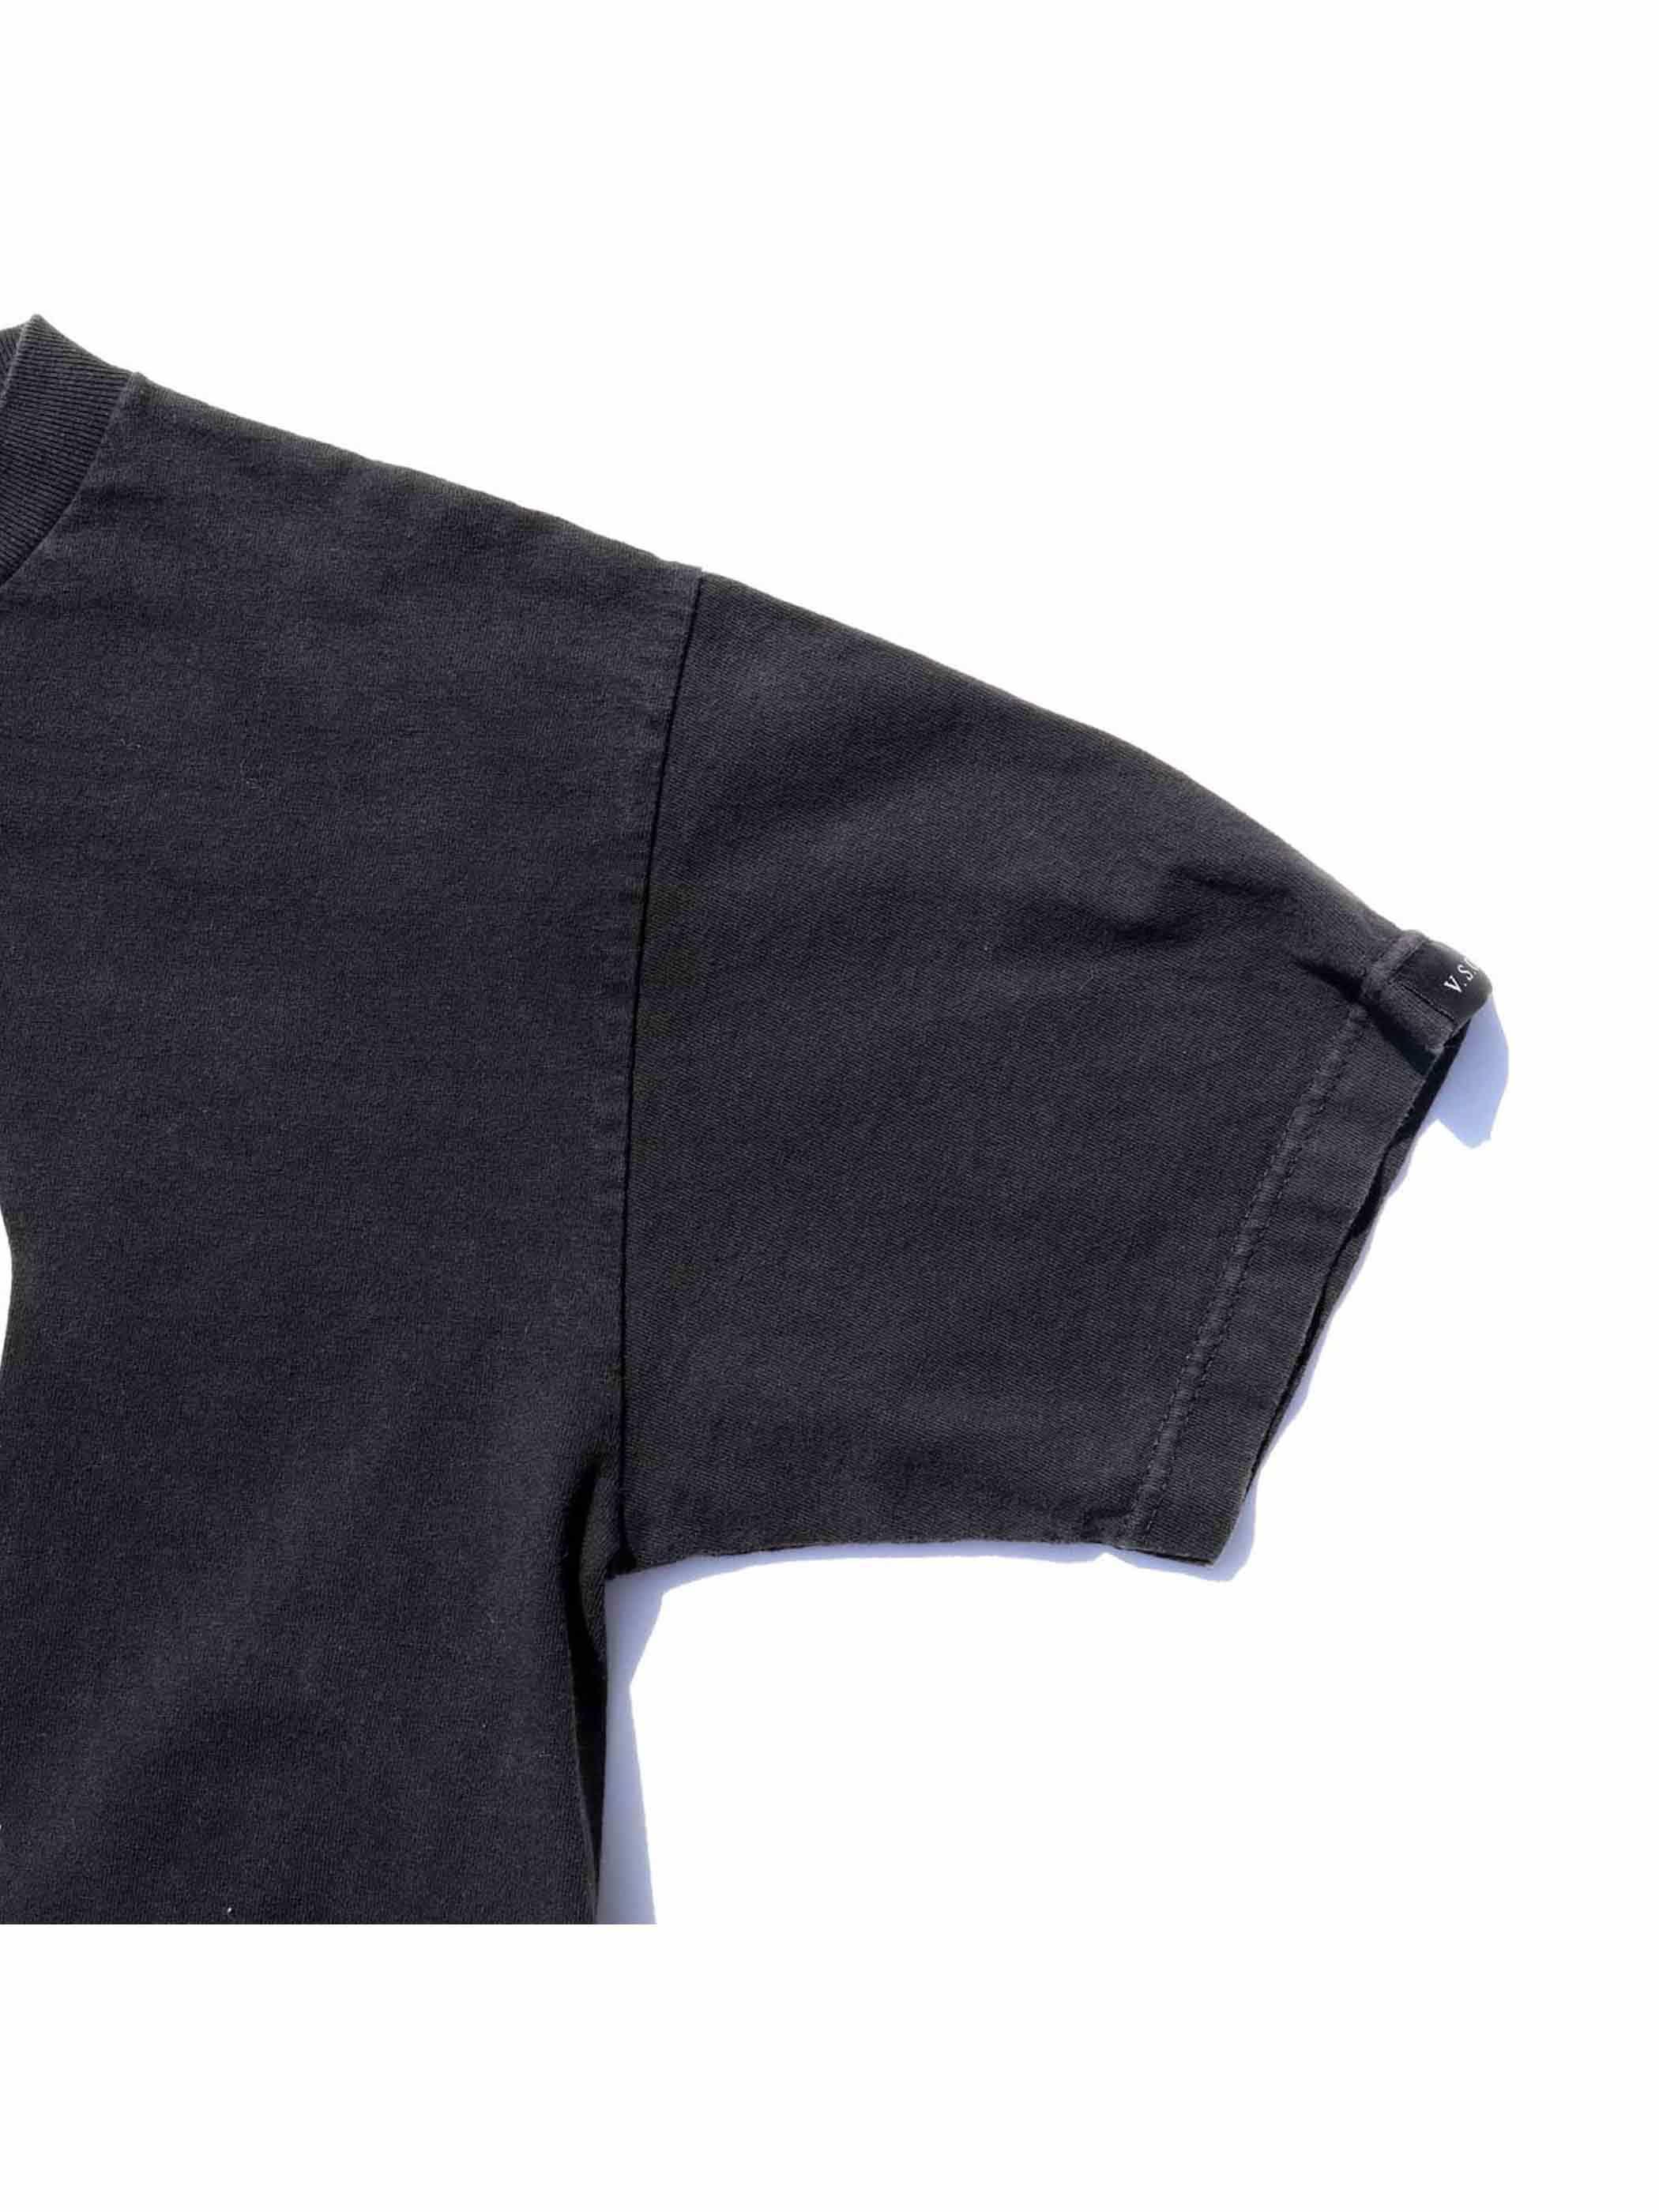 90's HIEROGLYPHICS USA製 プリントTシャツ [M]